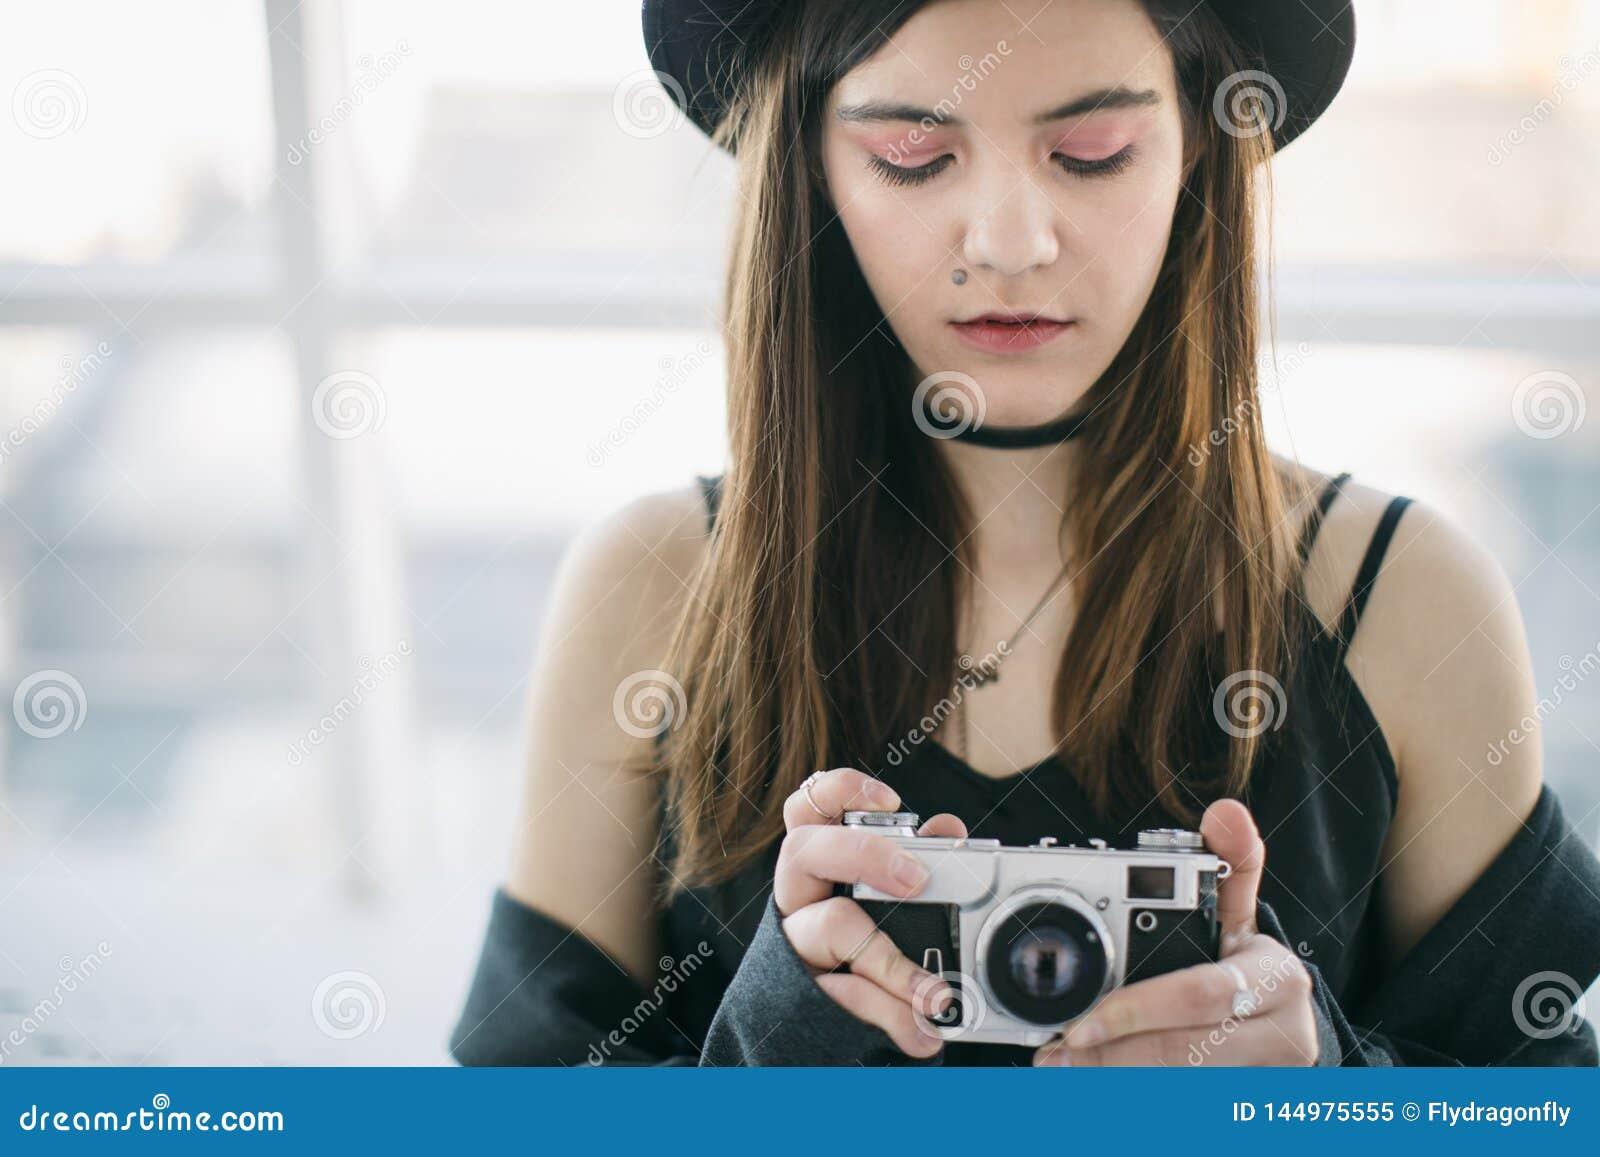 Работы фотографов красивых девушек модели онлайн щигры